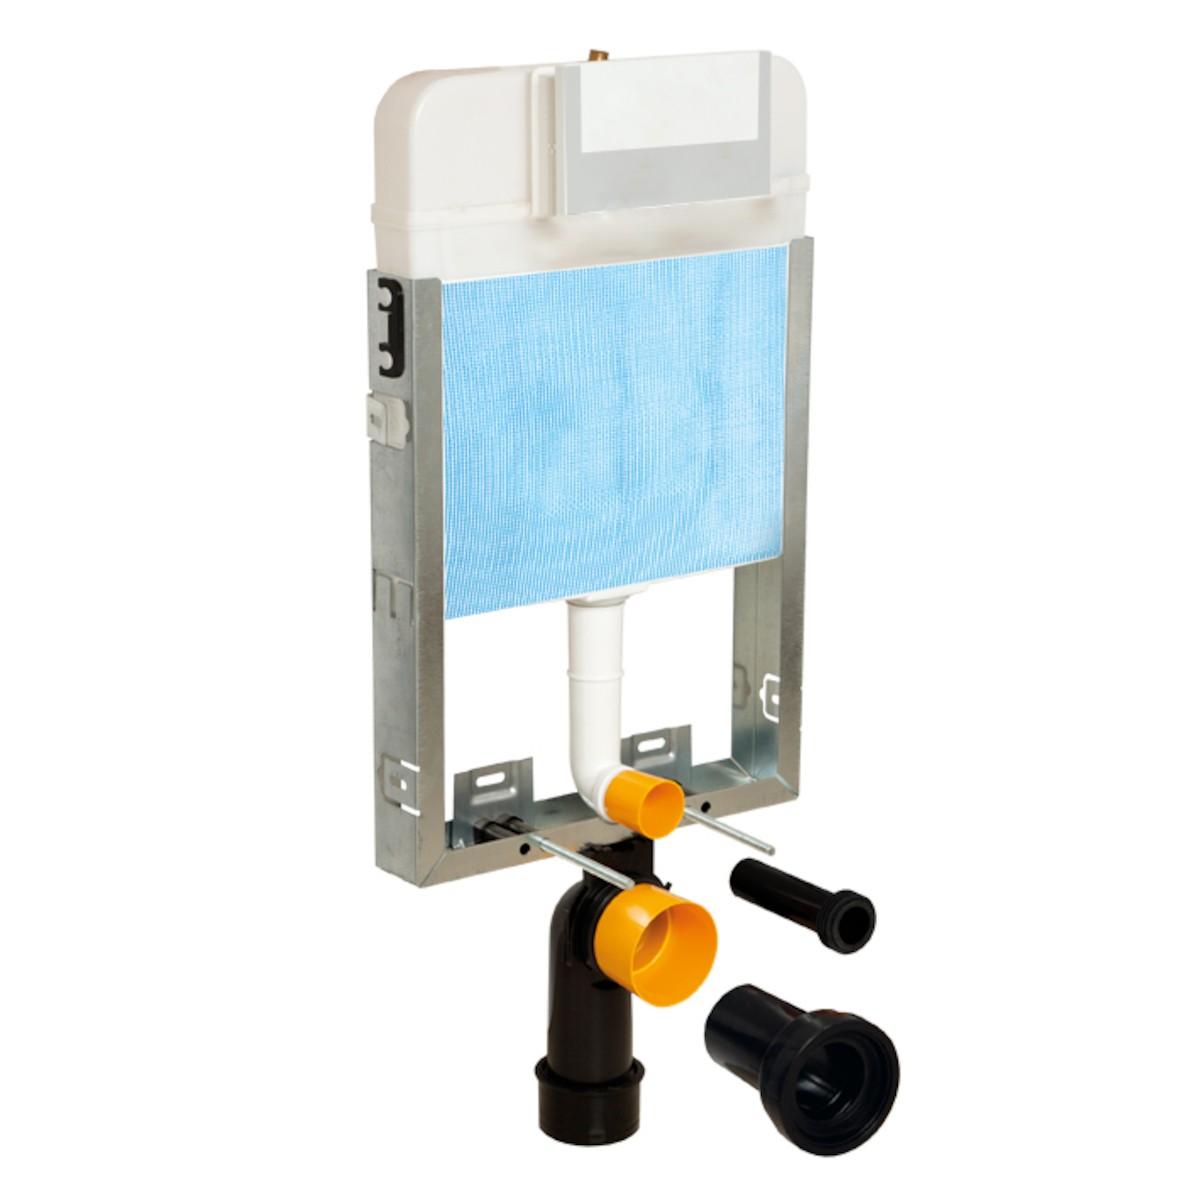 Nádržka pro zazdění k WC SIKO T020115